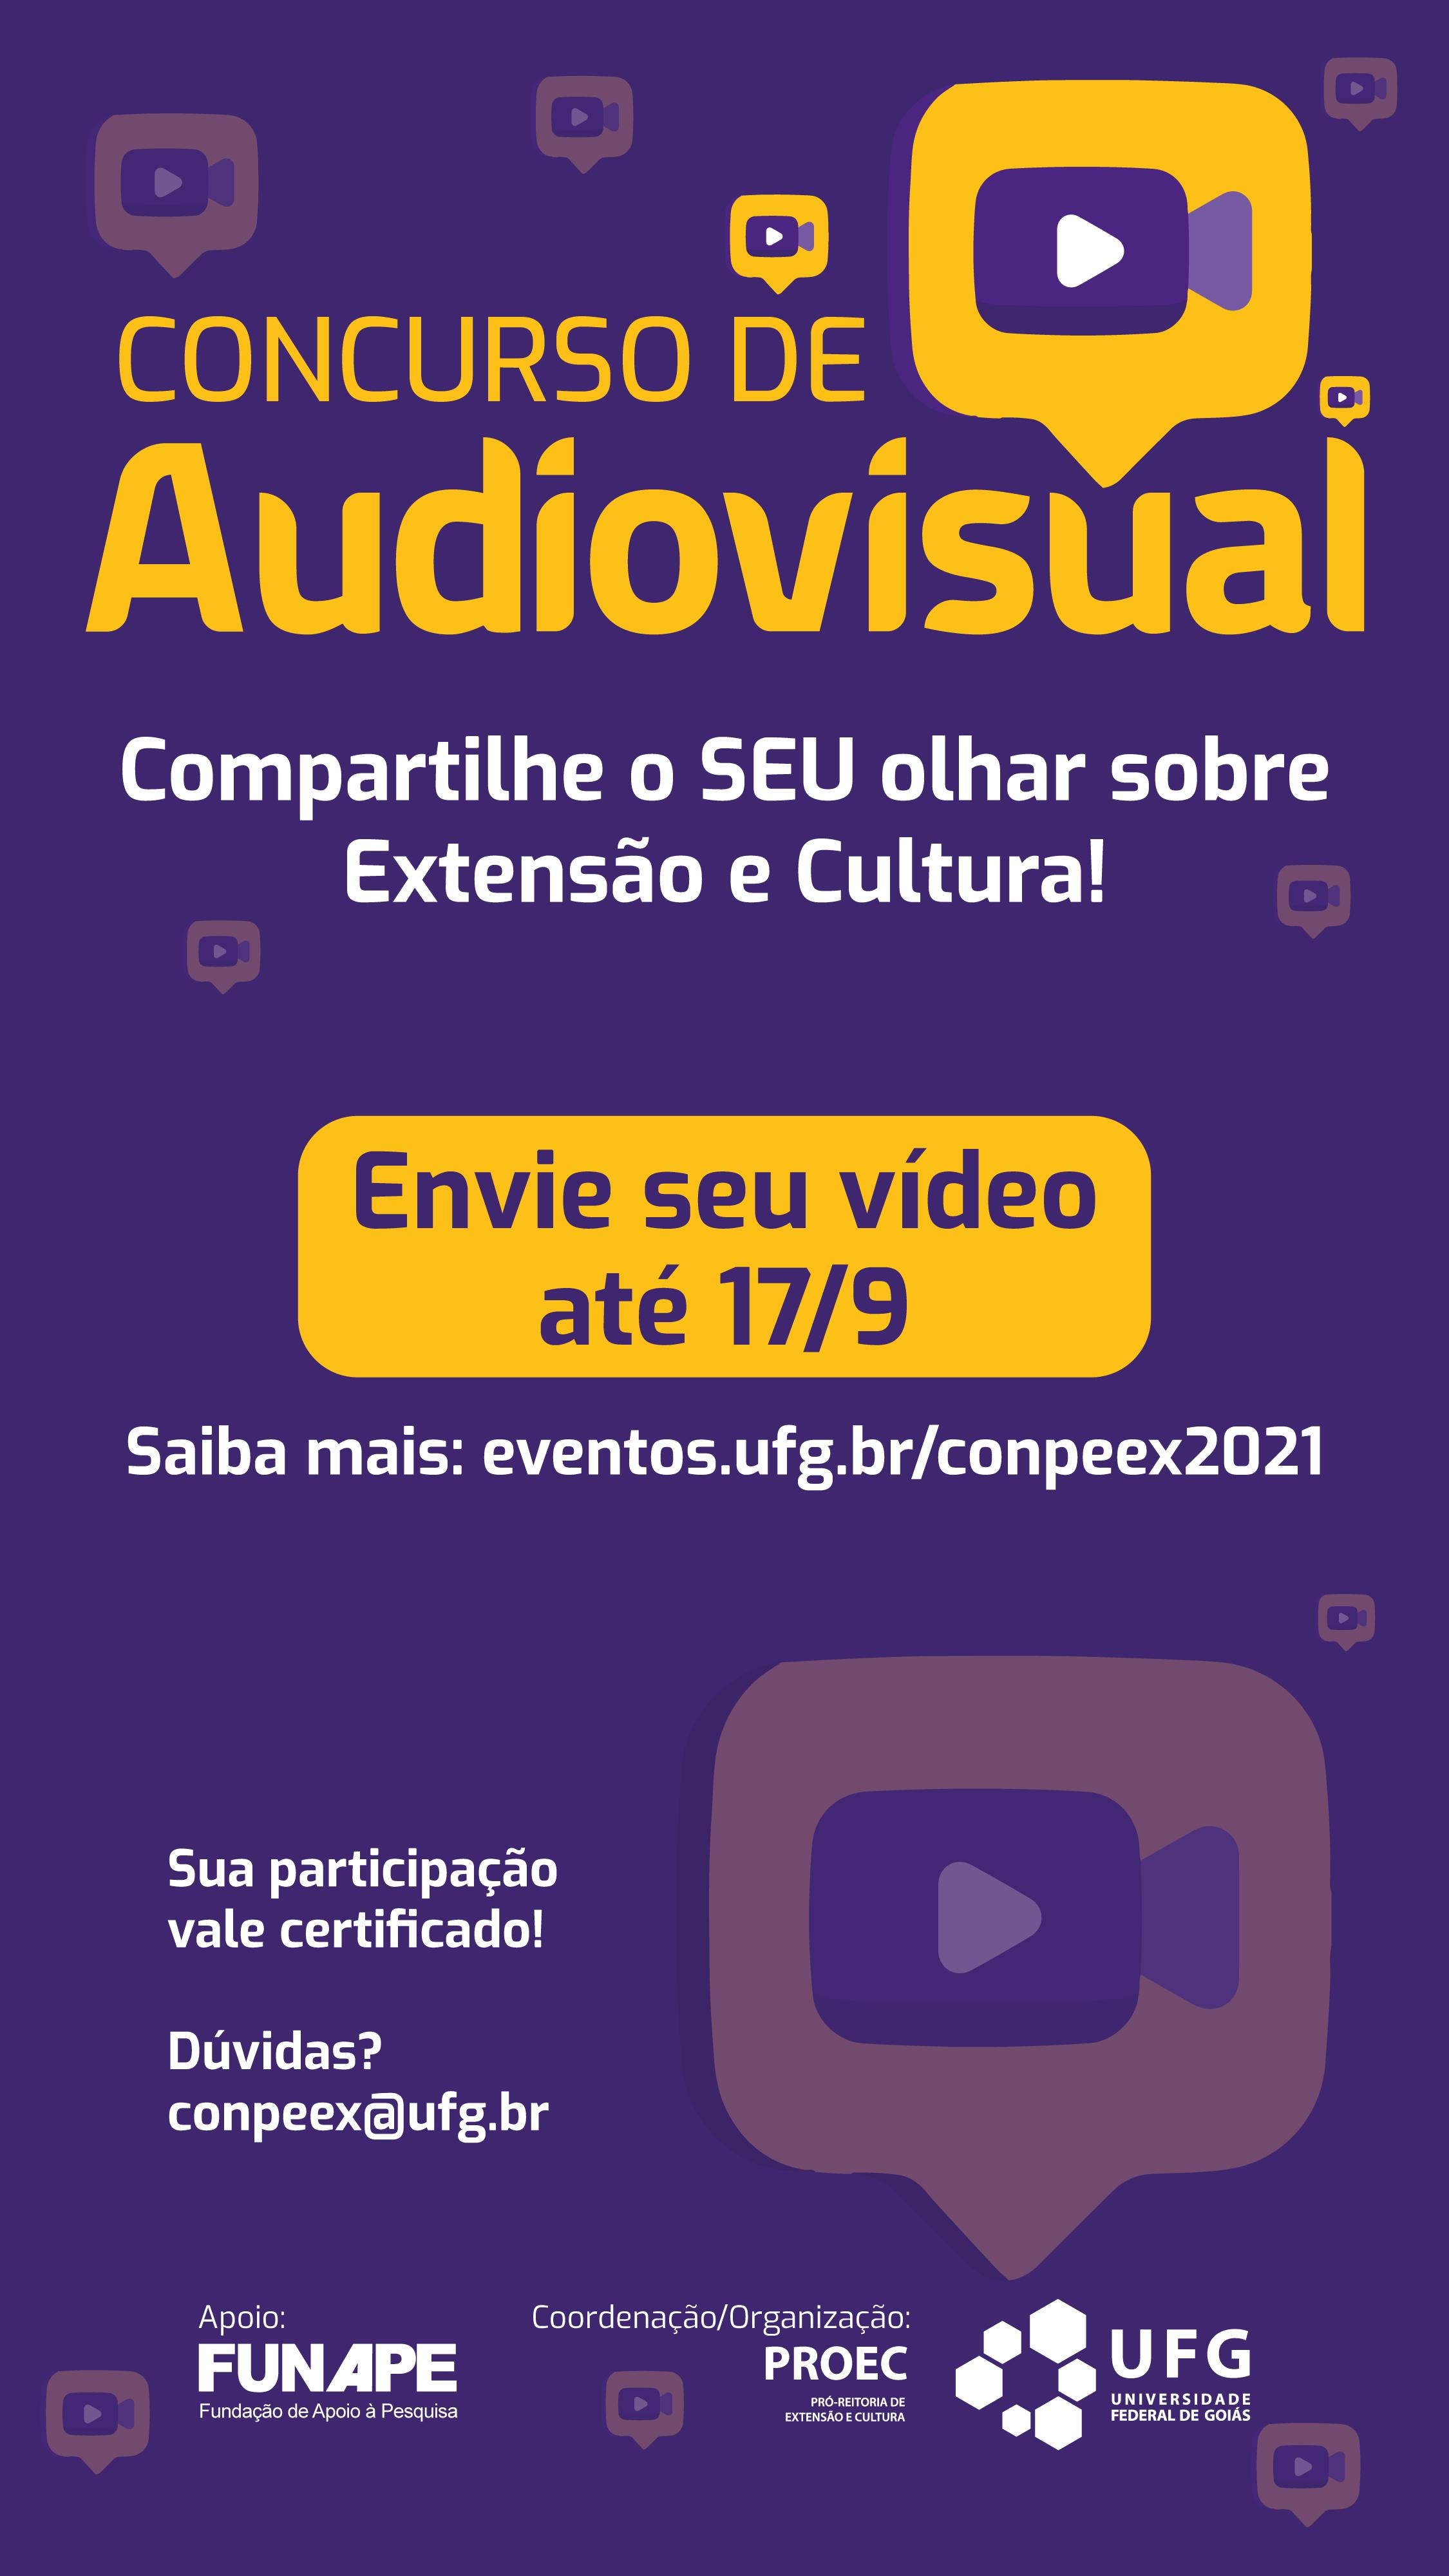 Concurso audiovisual Conpeex 2021 (2) - story